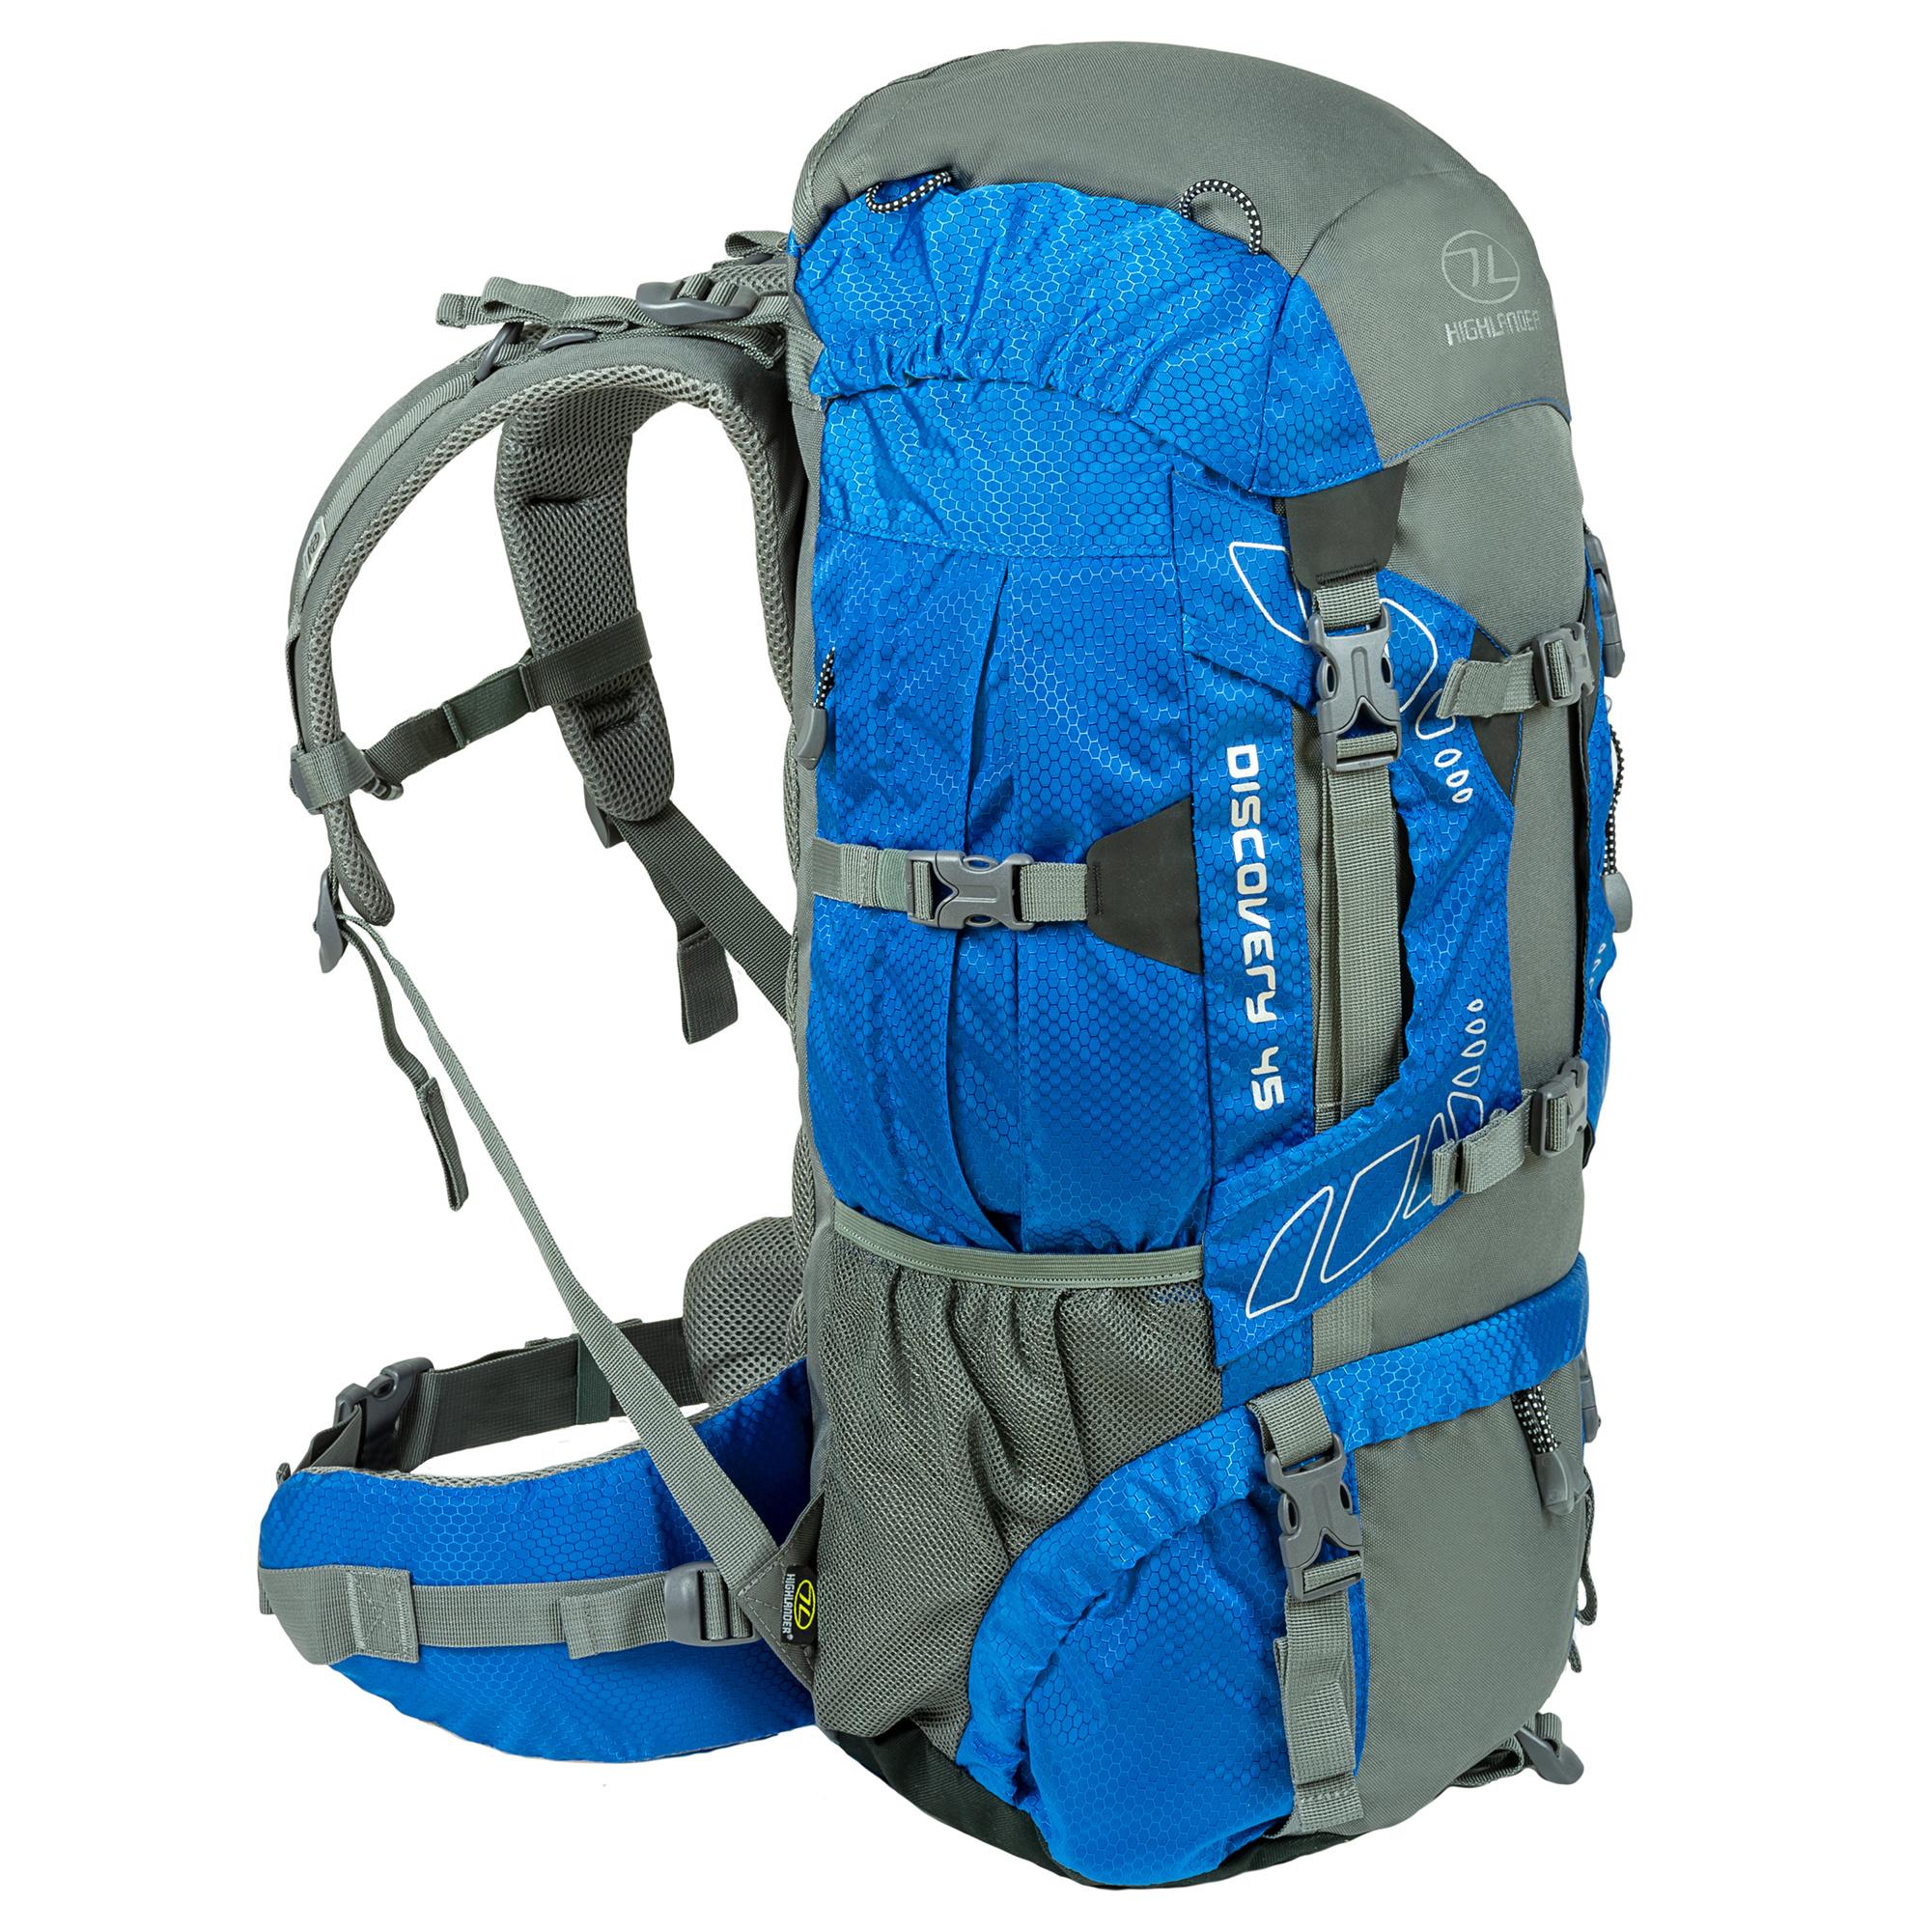 4f9b5d5971c Highlander Discovery 45l backpack - blauw - Kopen? | Backpackspullen.nl